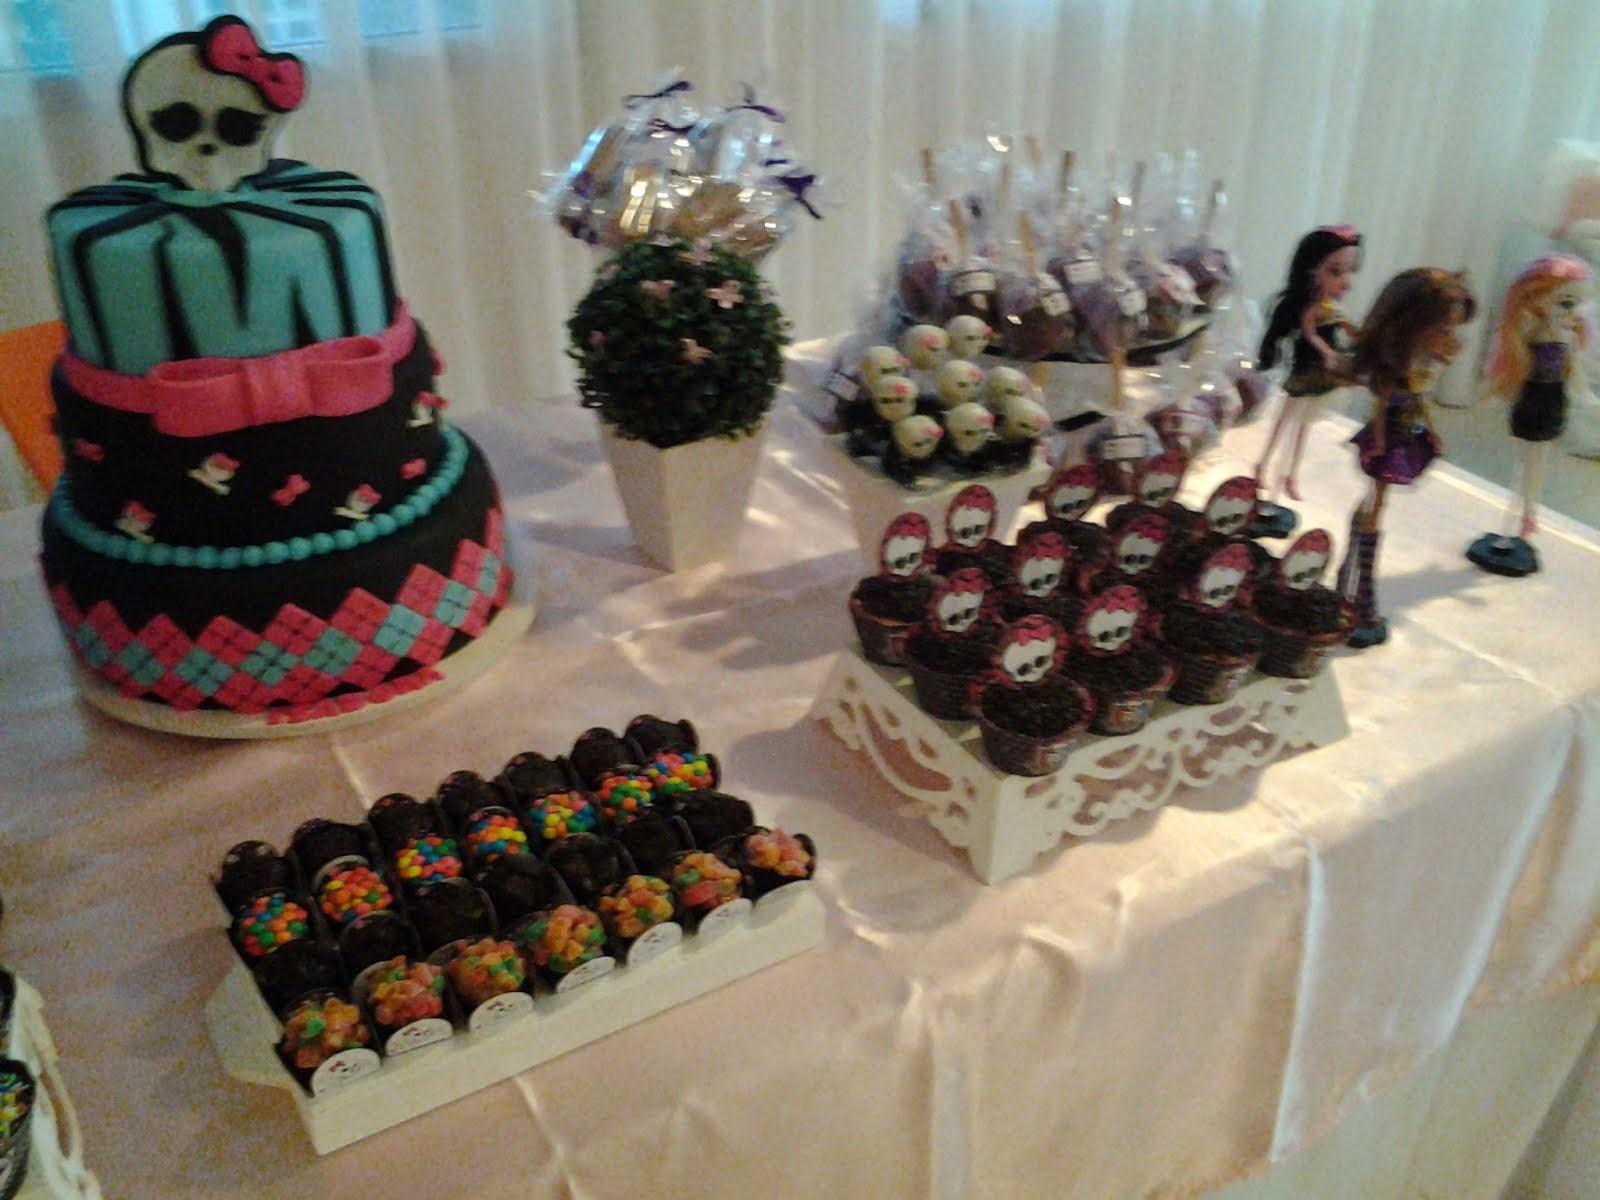 O bolo é lindo mas e falso, só para decorar (última febre nas festas)